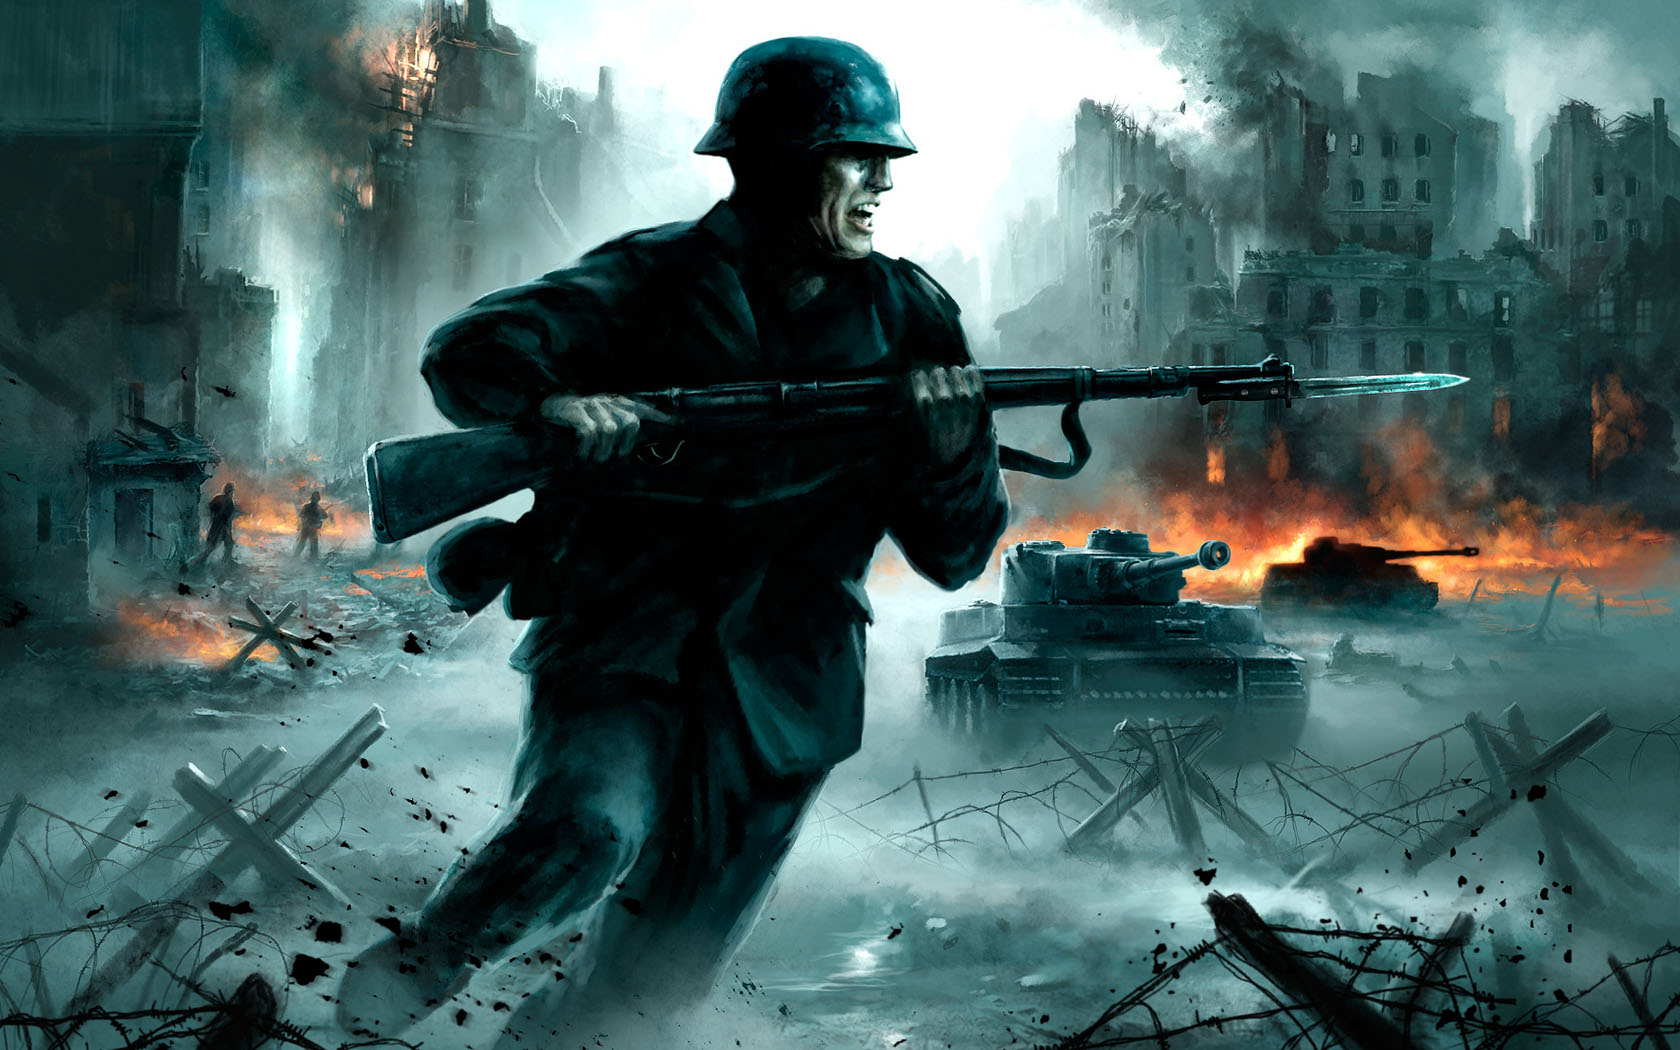 游戏战斗场面军事第二辑武器壁纸